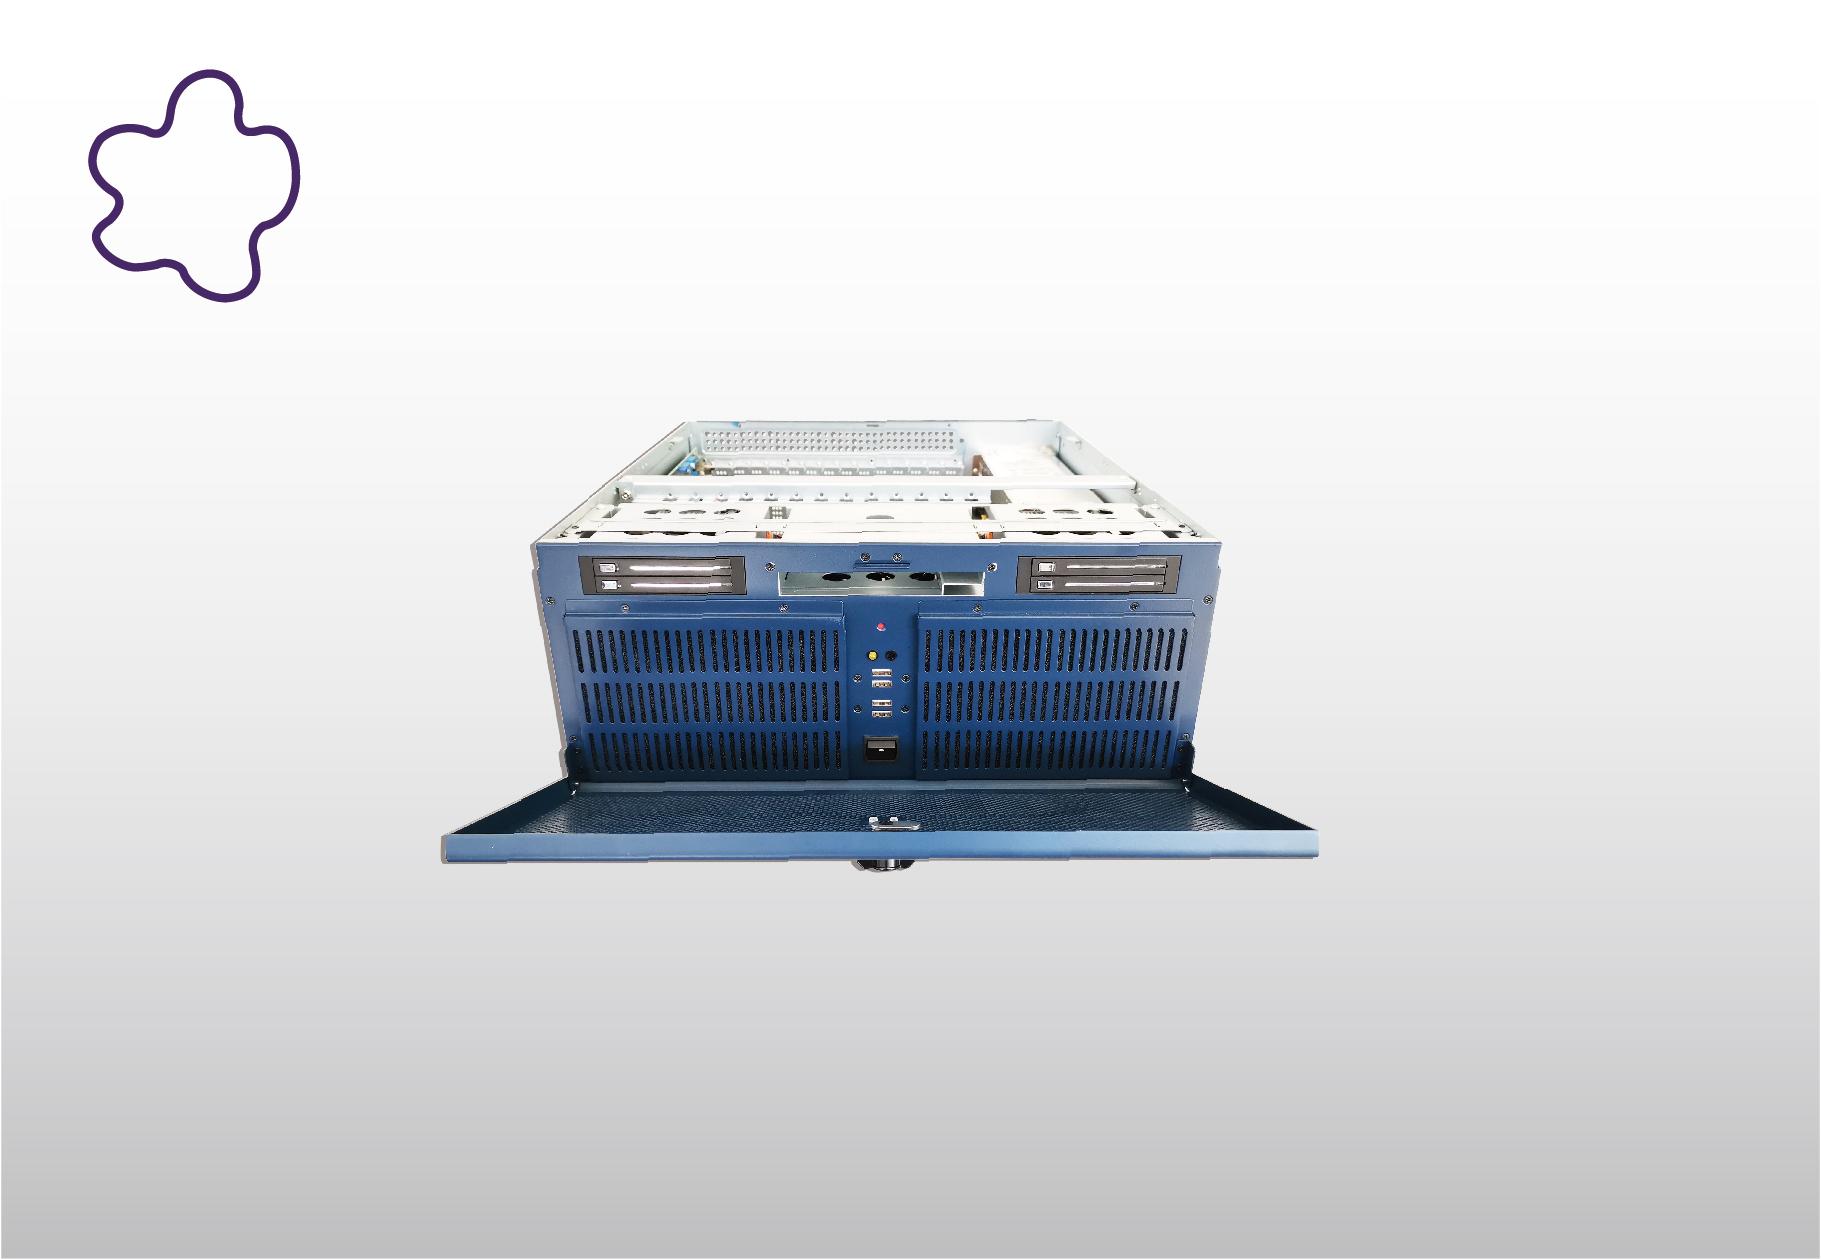 19″-System für Videowall-Anwendungen